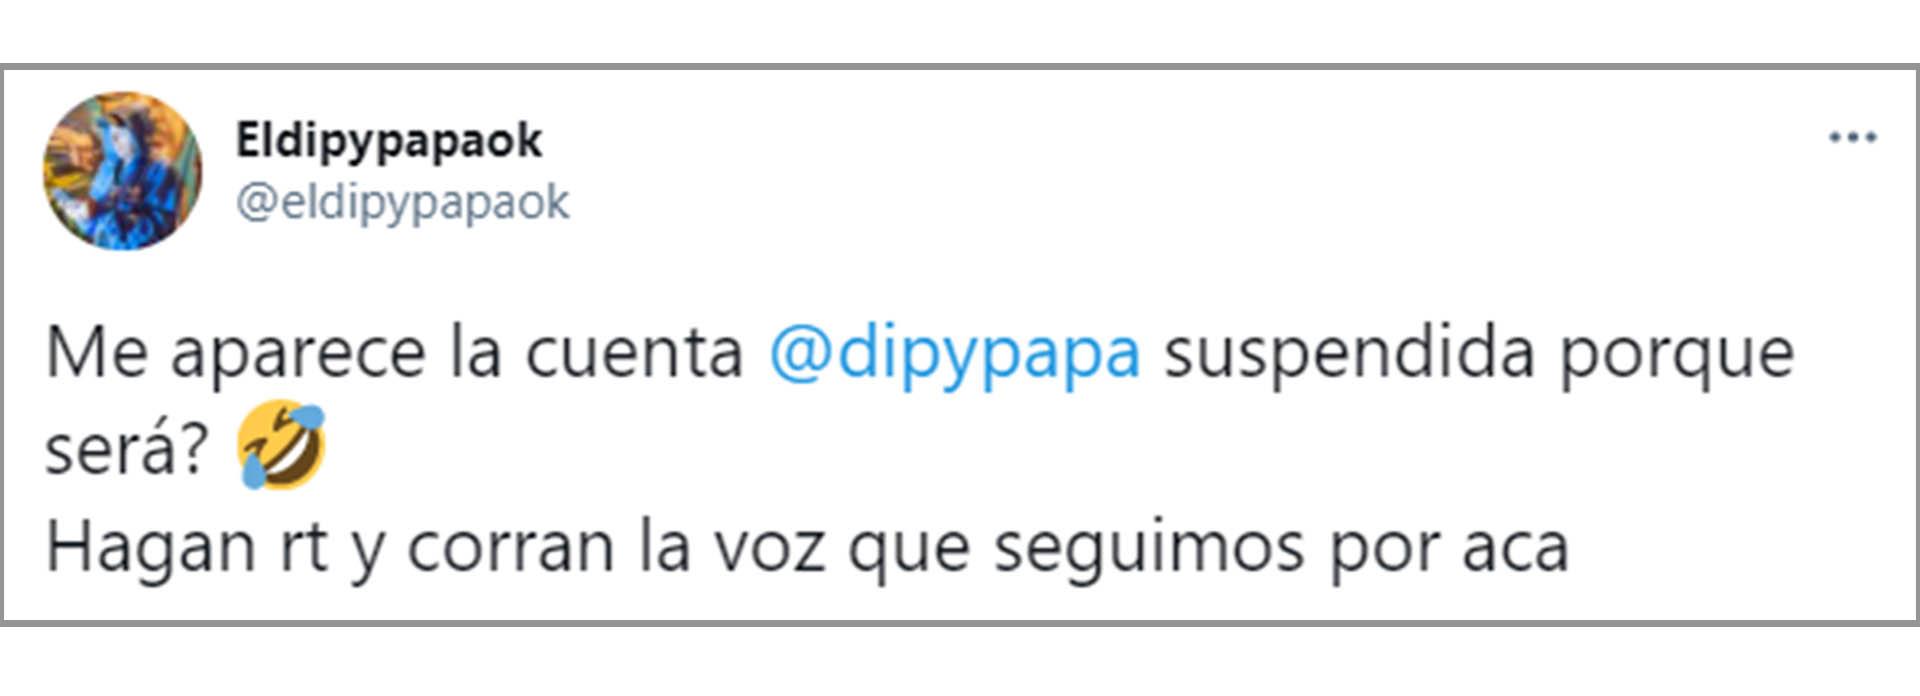 Los primeros posteos de El Dipy en su nueva cuenta de Twitter